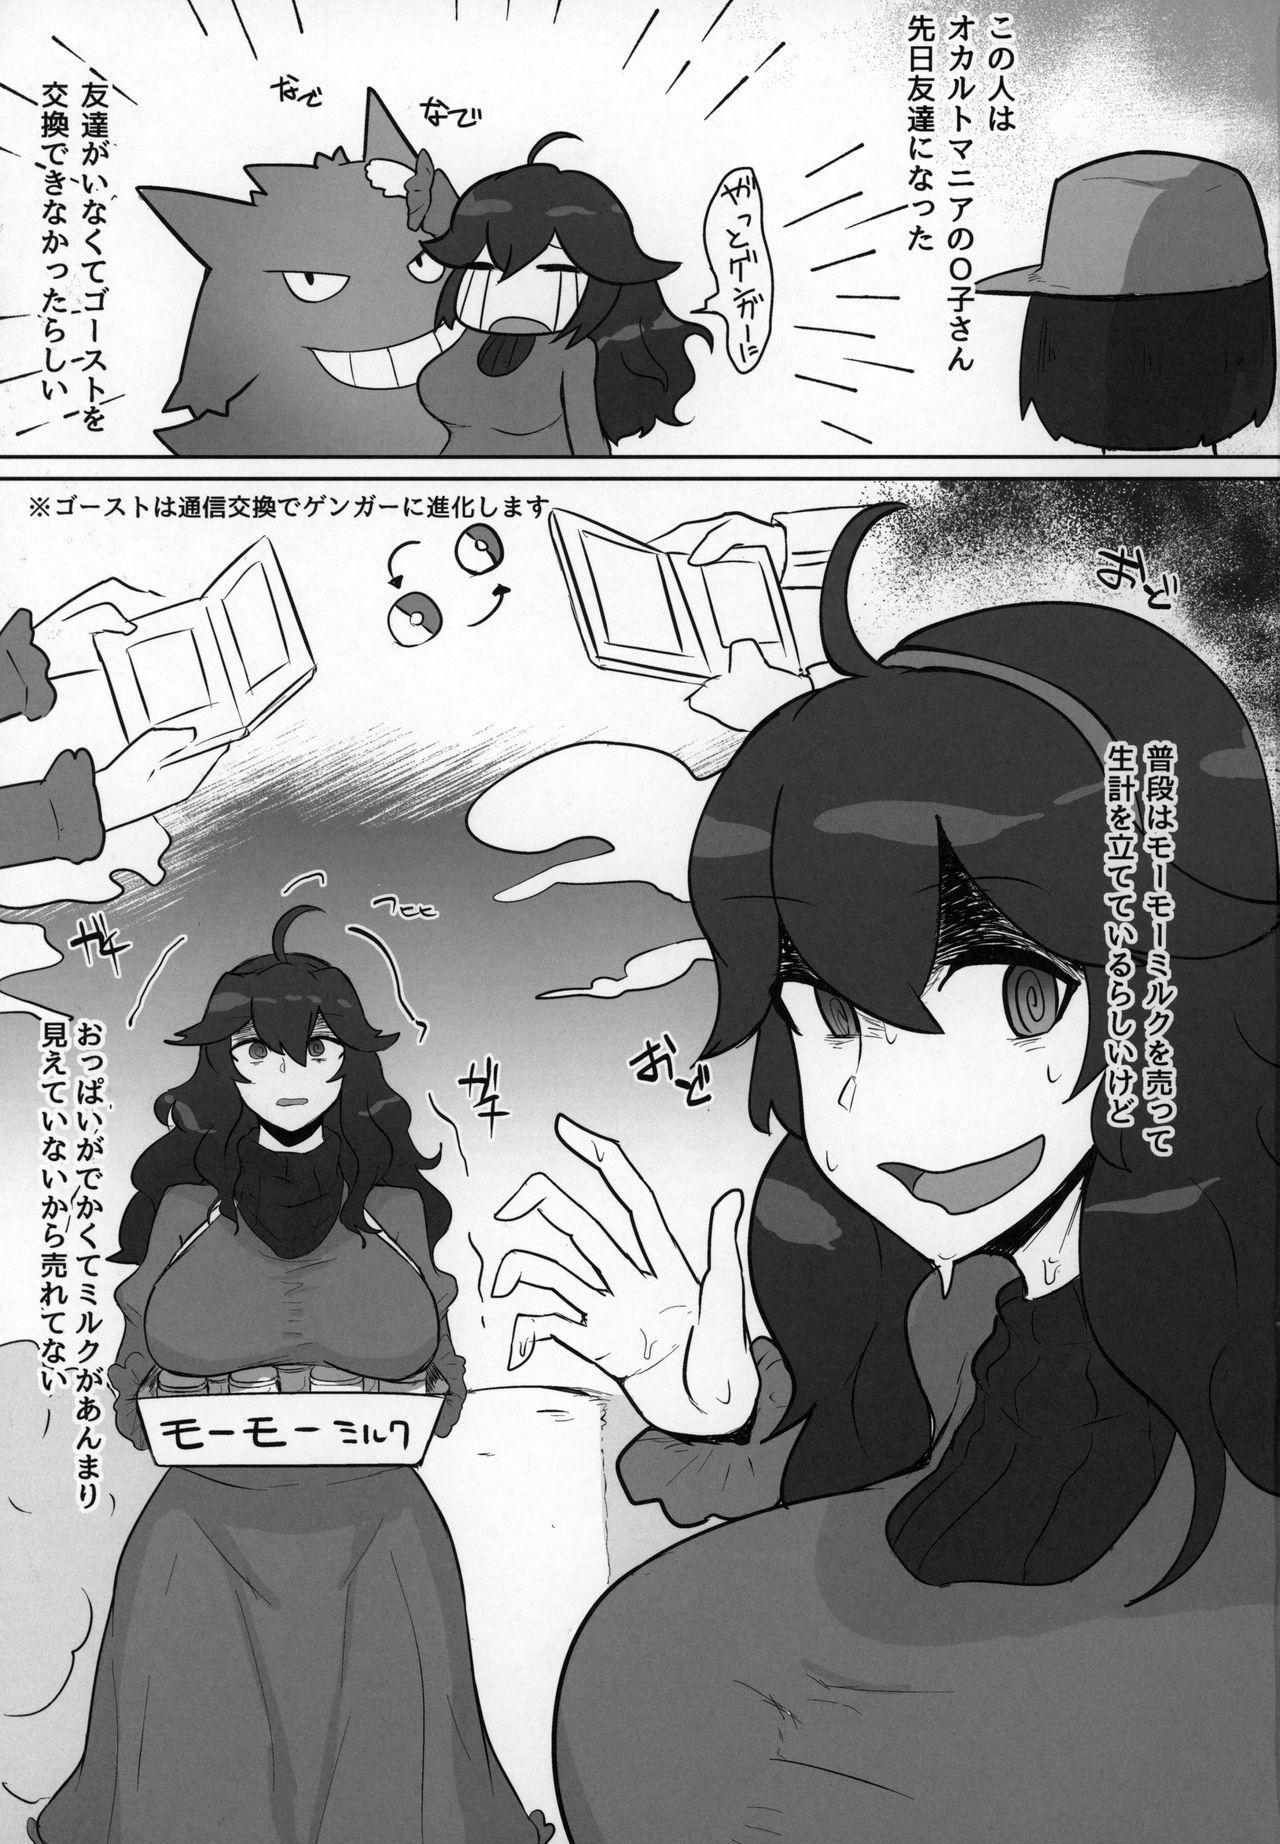 Occult Mania-chan ni Kouiu Kao Shite Hoshii Hon 1